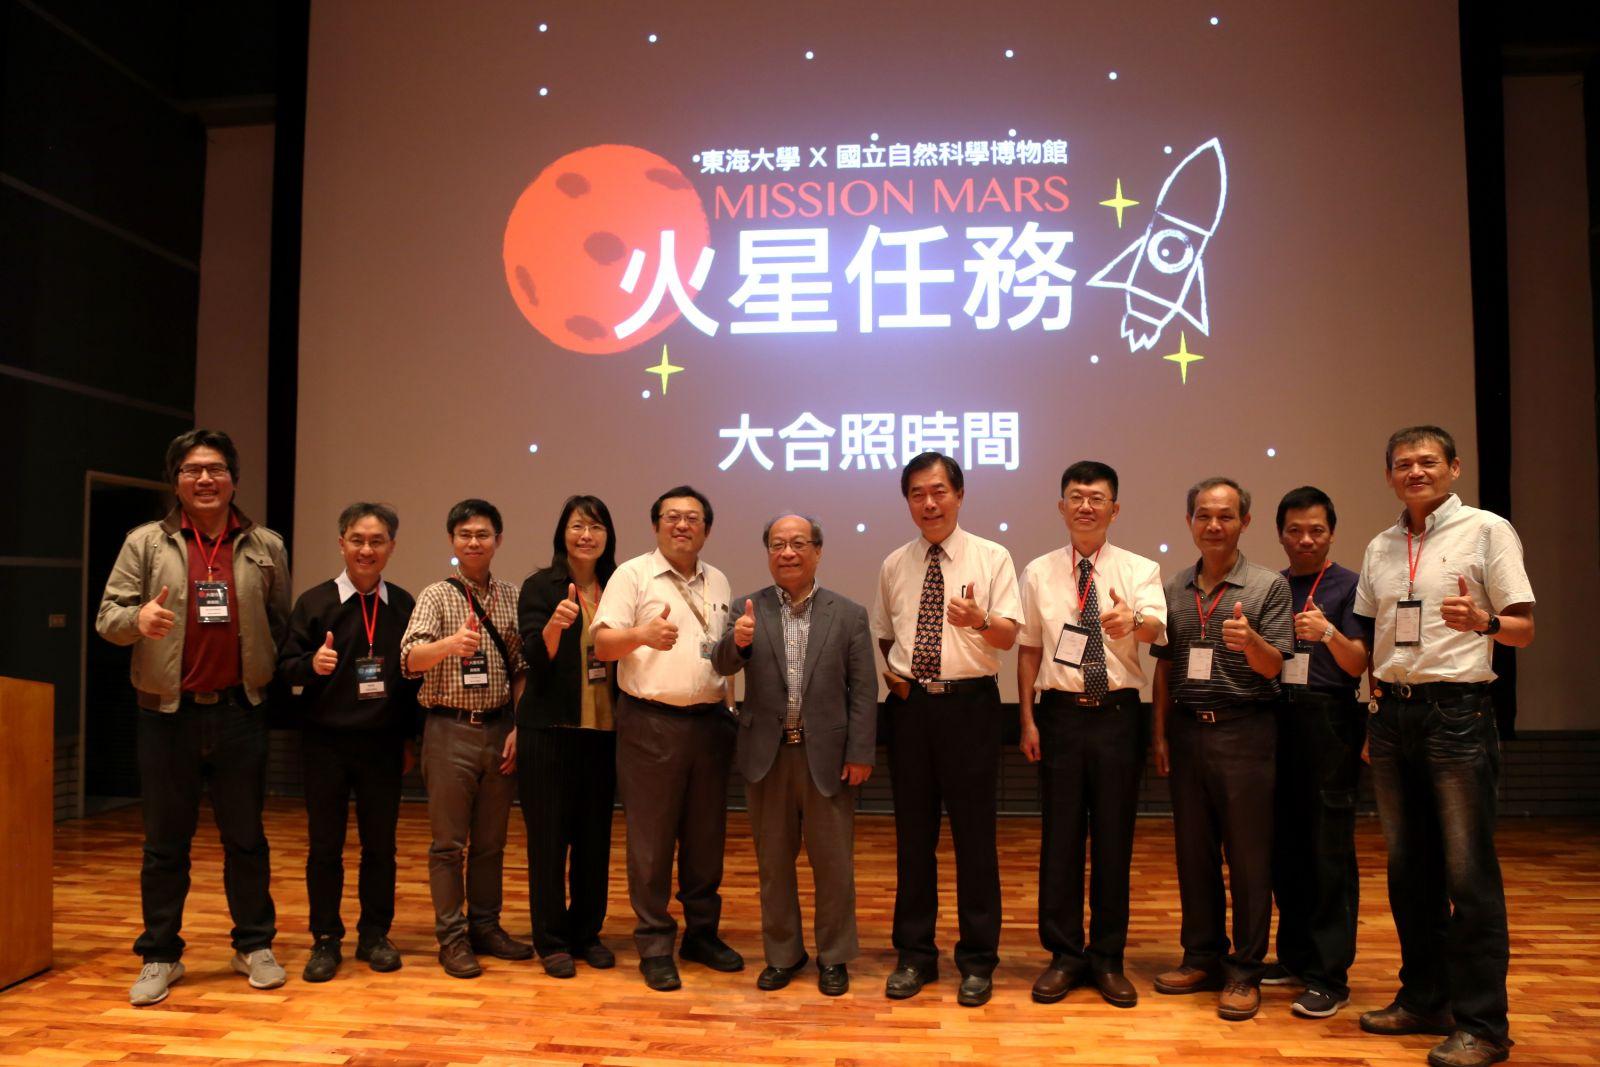 東海大學與科博館聯手打造「火星計畫」